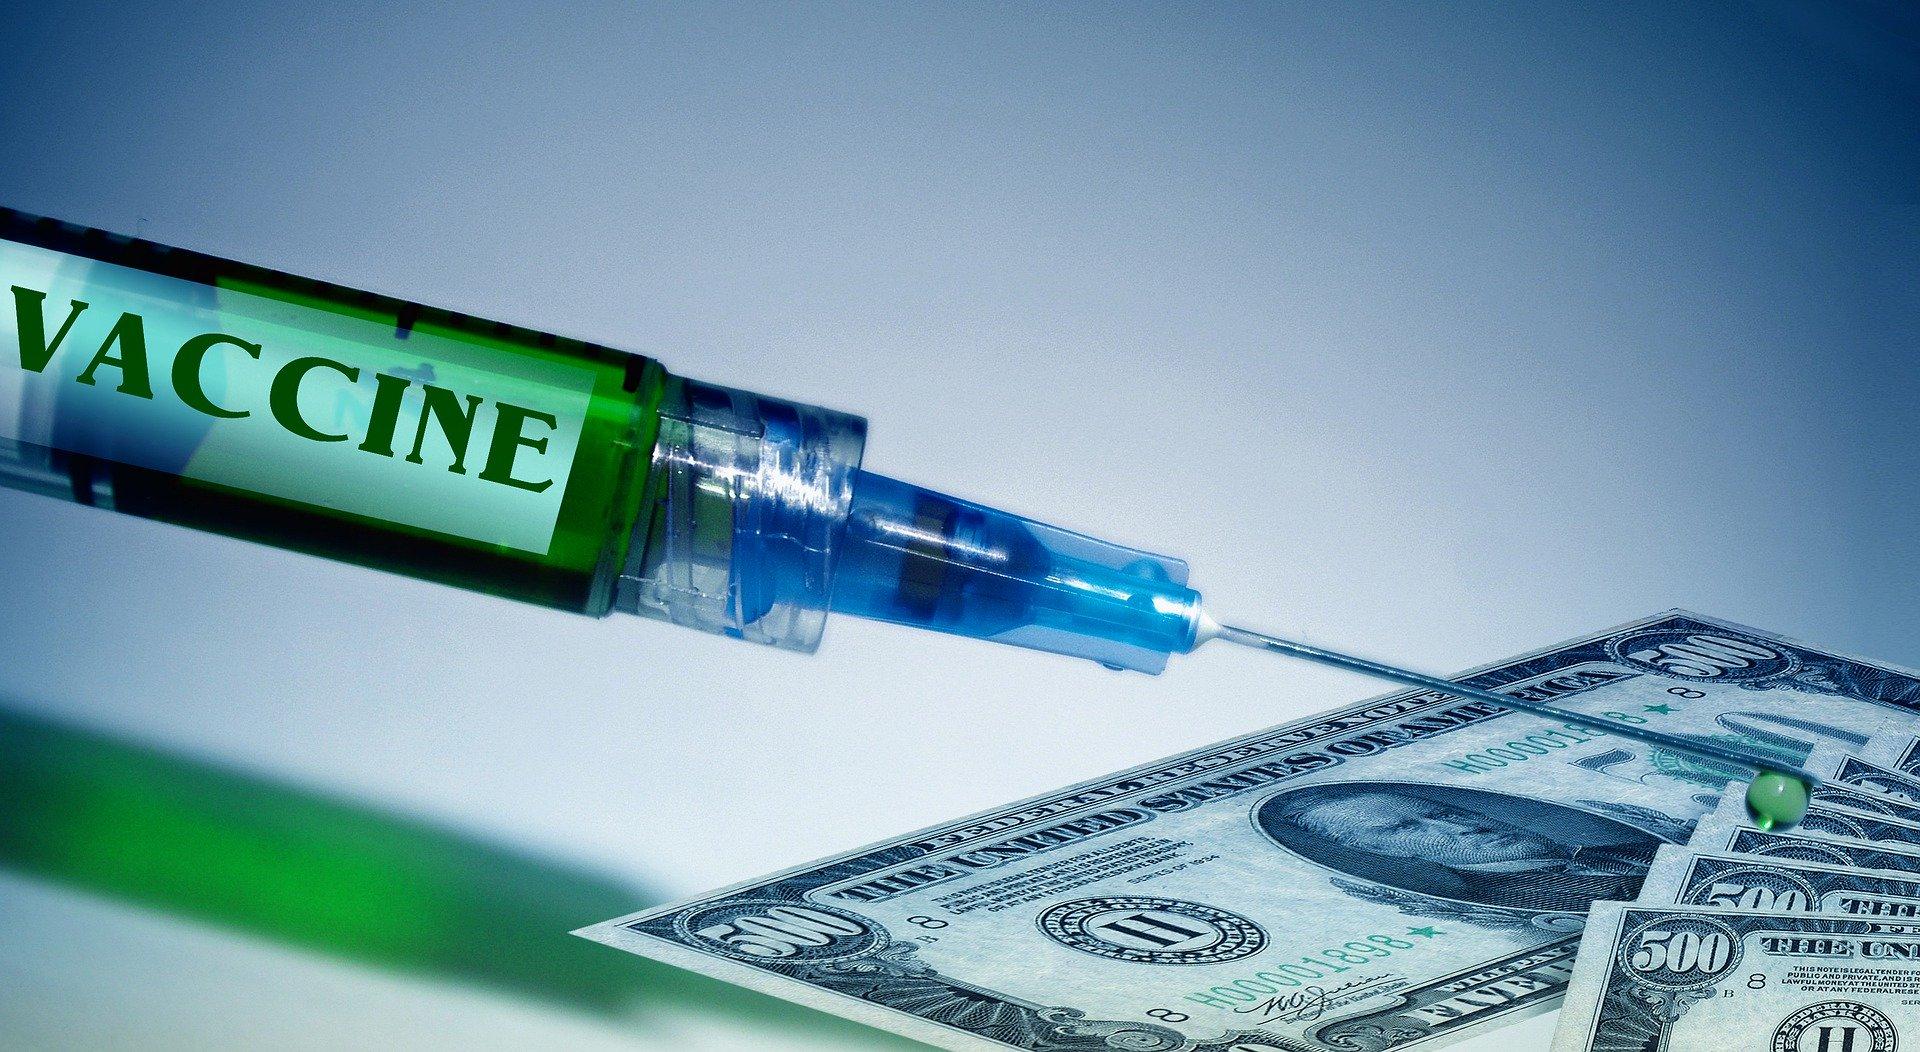 Quando acabar a quarentena, como vai ficar sua vida financeira? 10 conselhos de finanças para não cair na preocupação